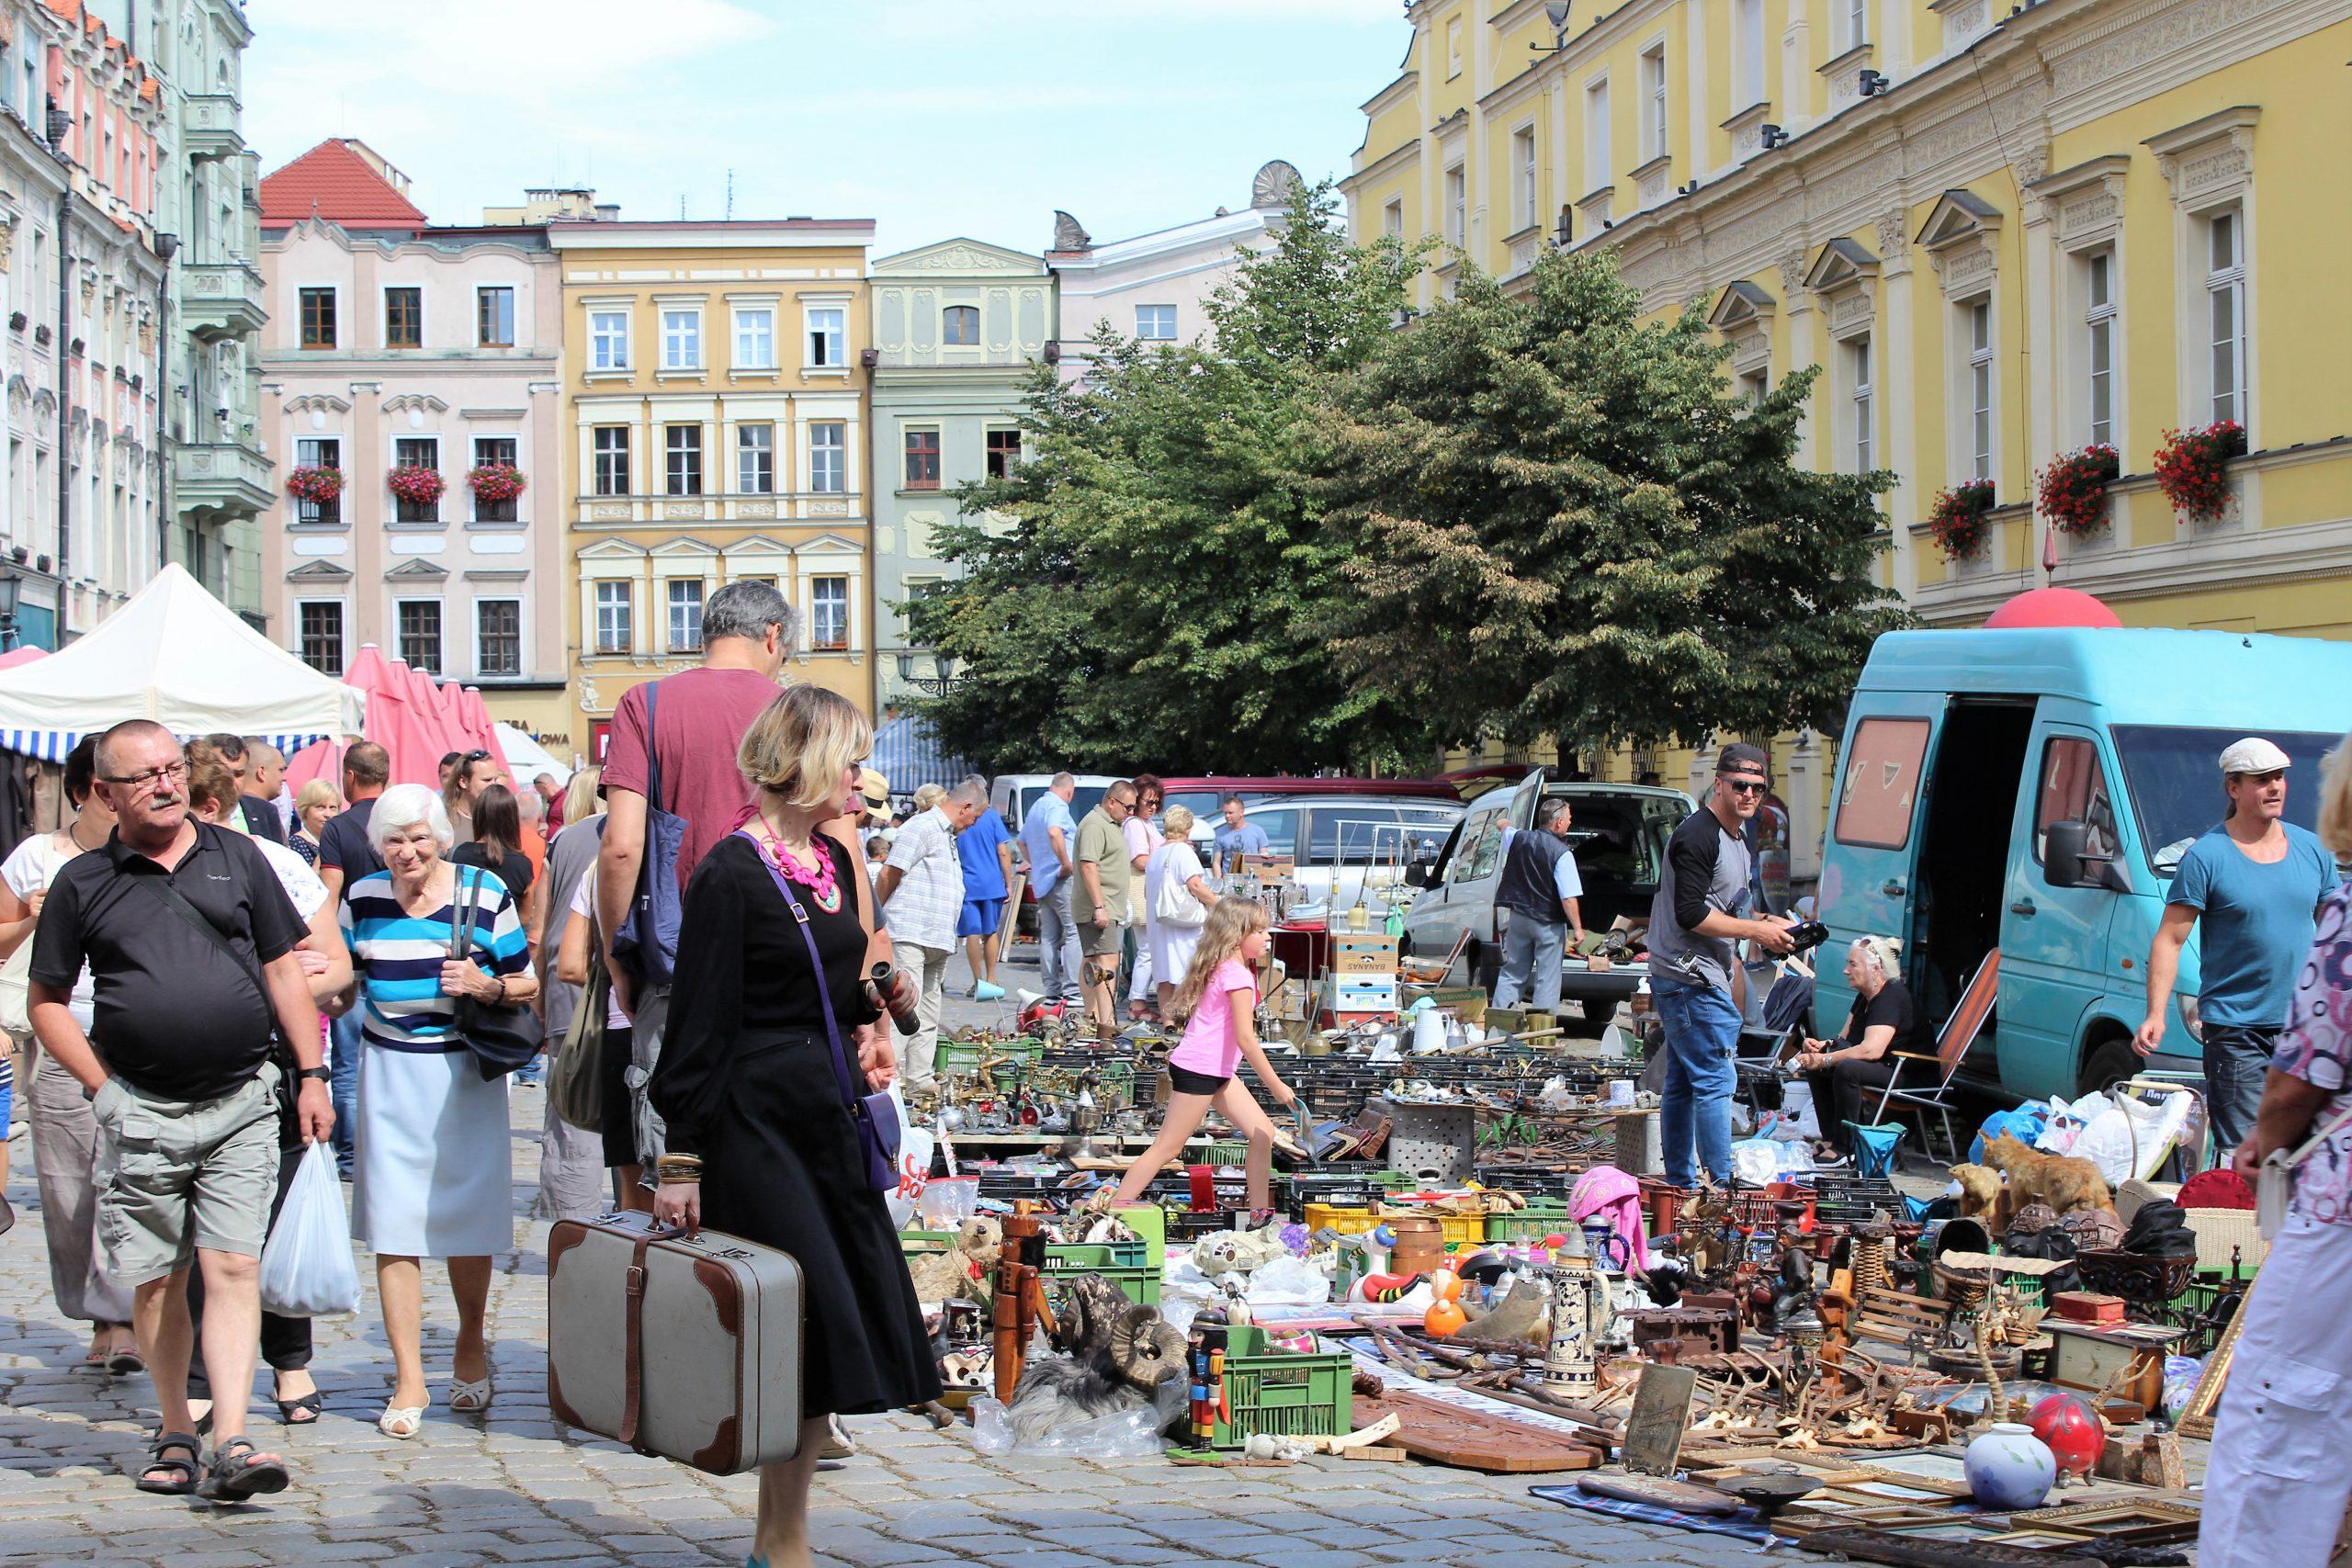 widok na rynek świdnicki w czasie giełdy staroci